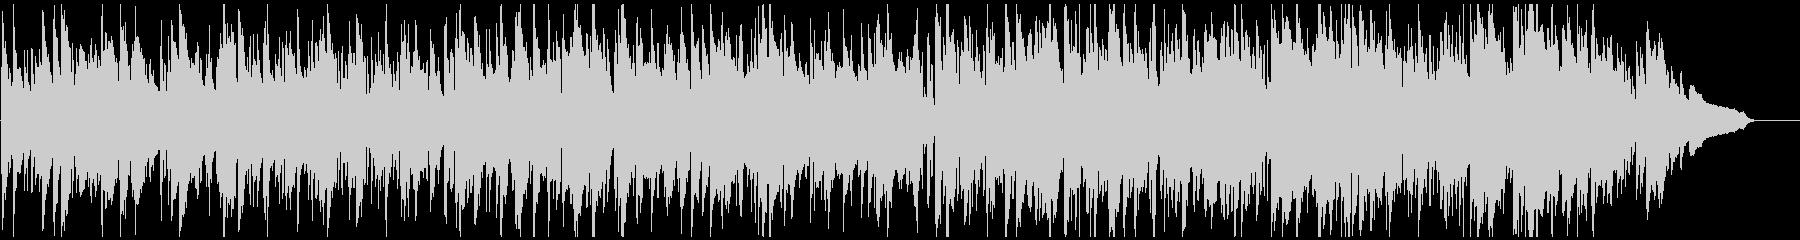 ソフトなボサノバ・ジャズ、お洒落サックスの未再生の波形